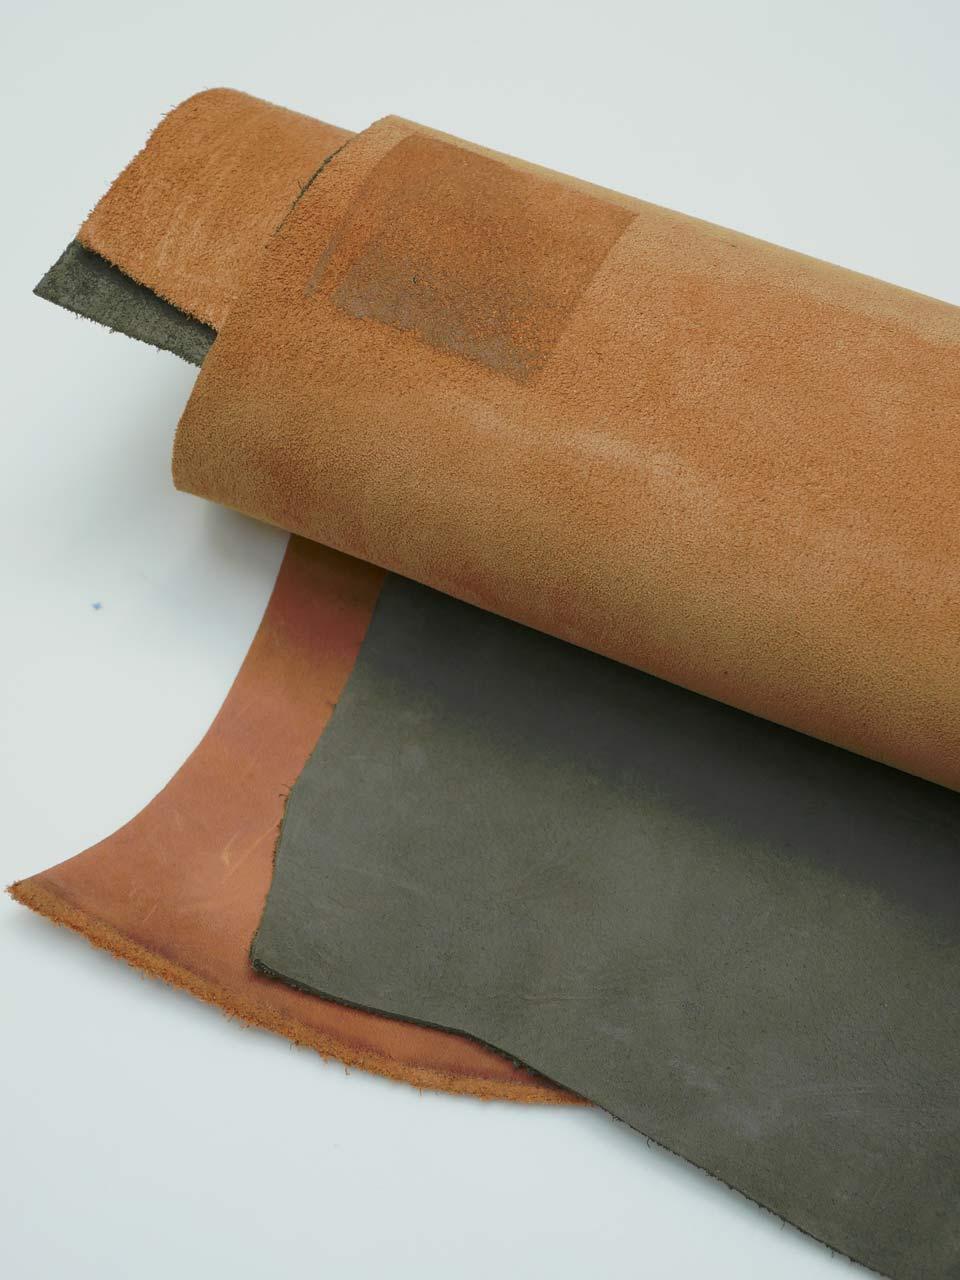 cuir-tannage-Rhubarbe